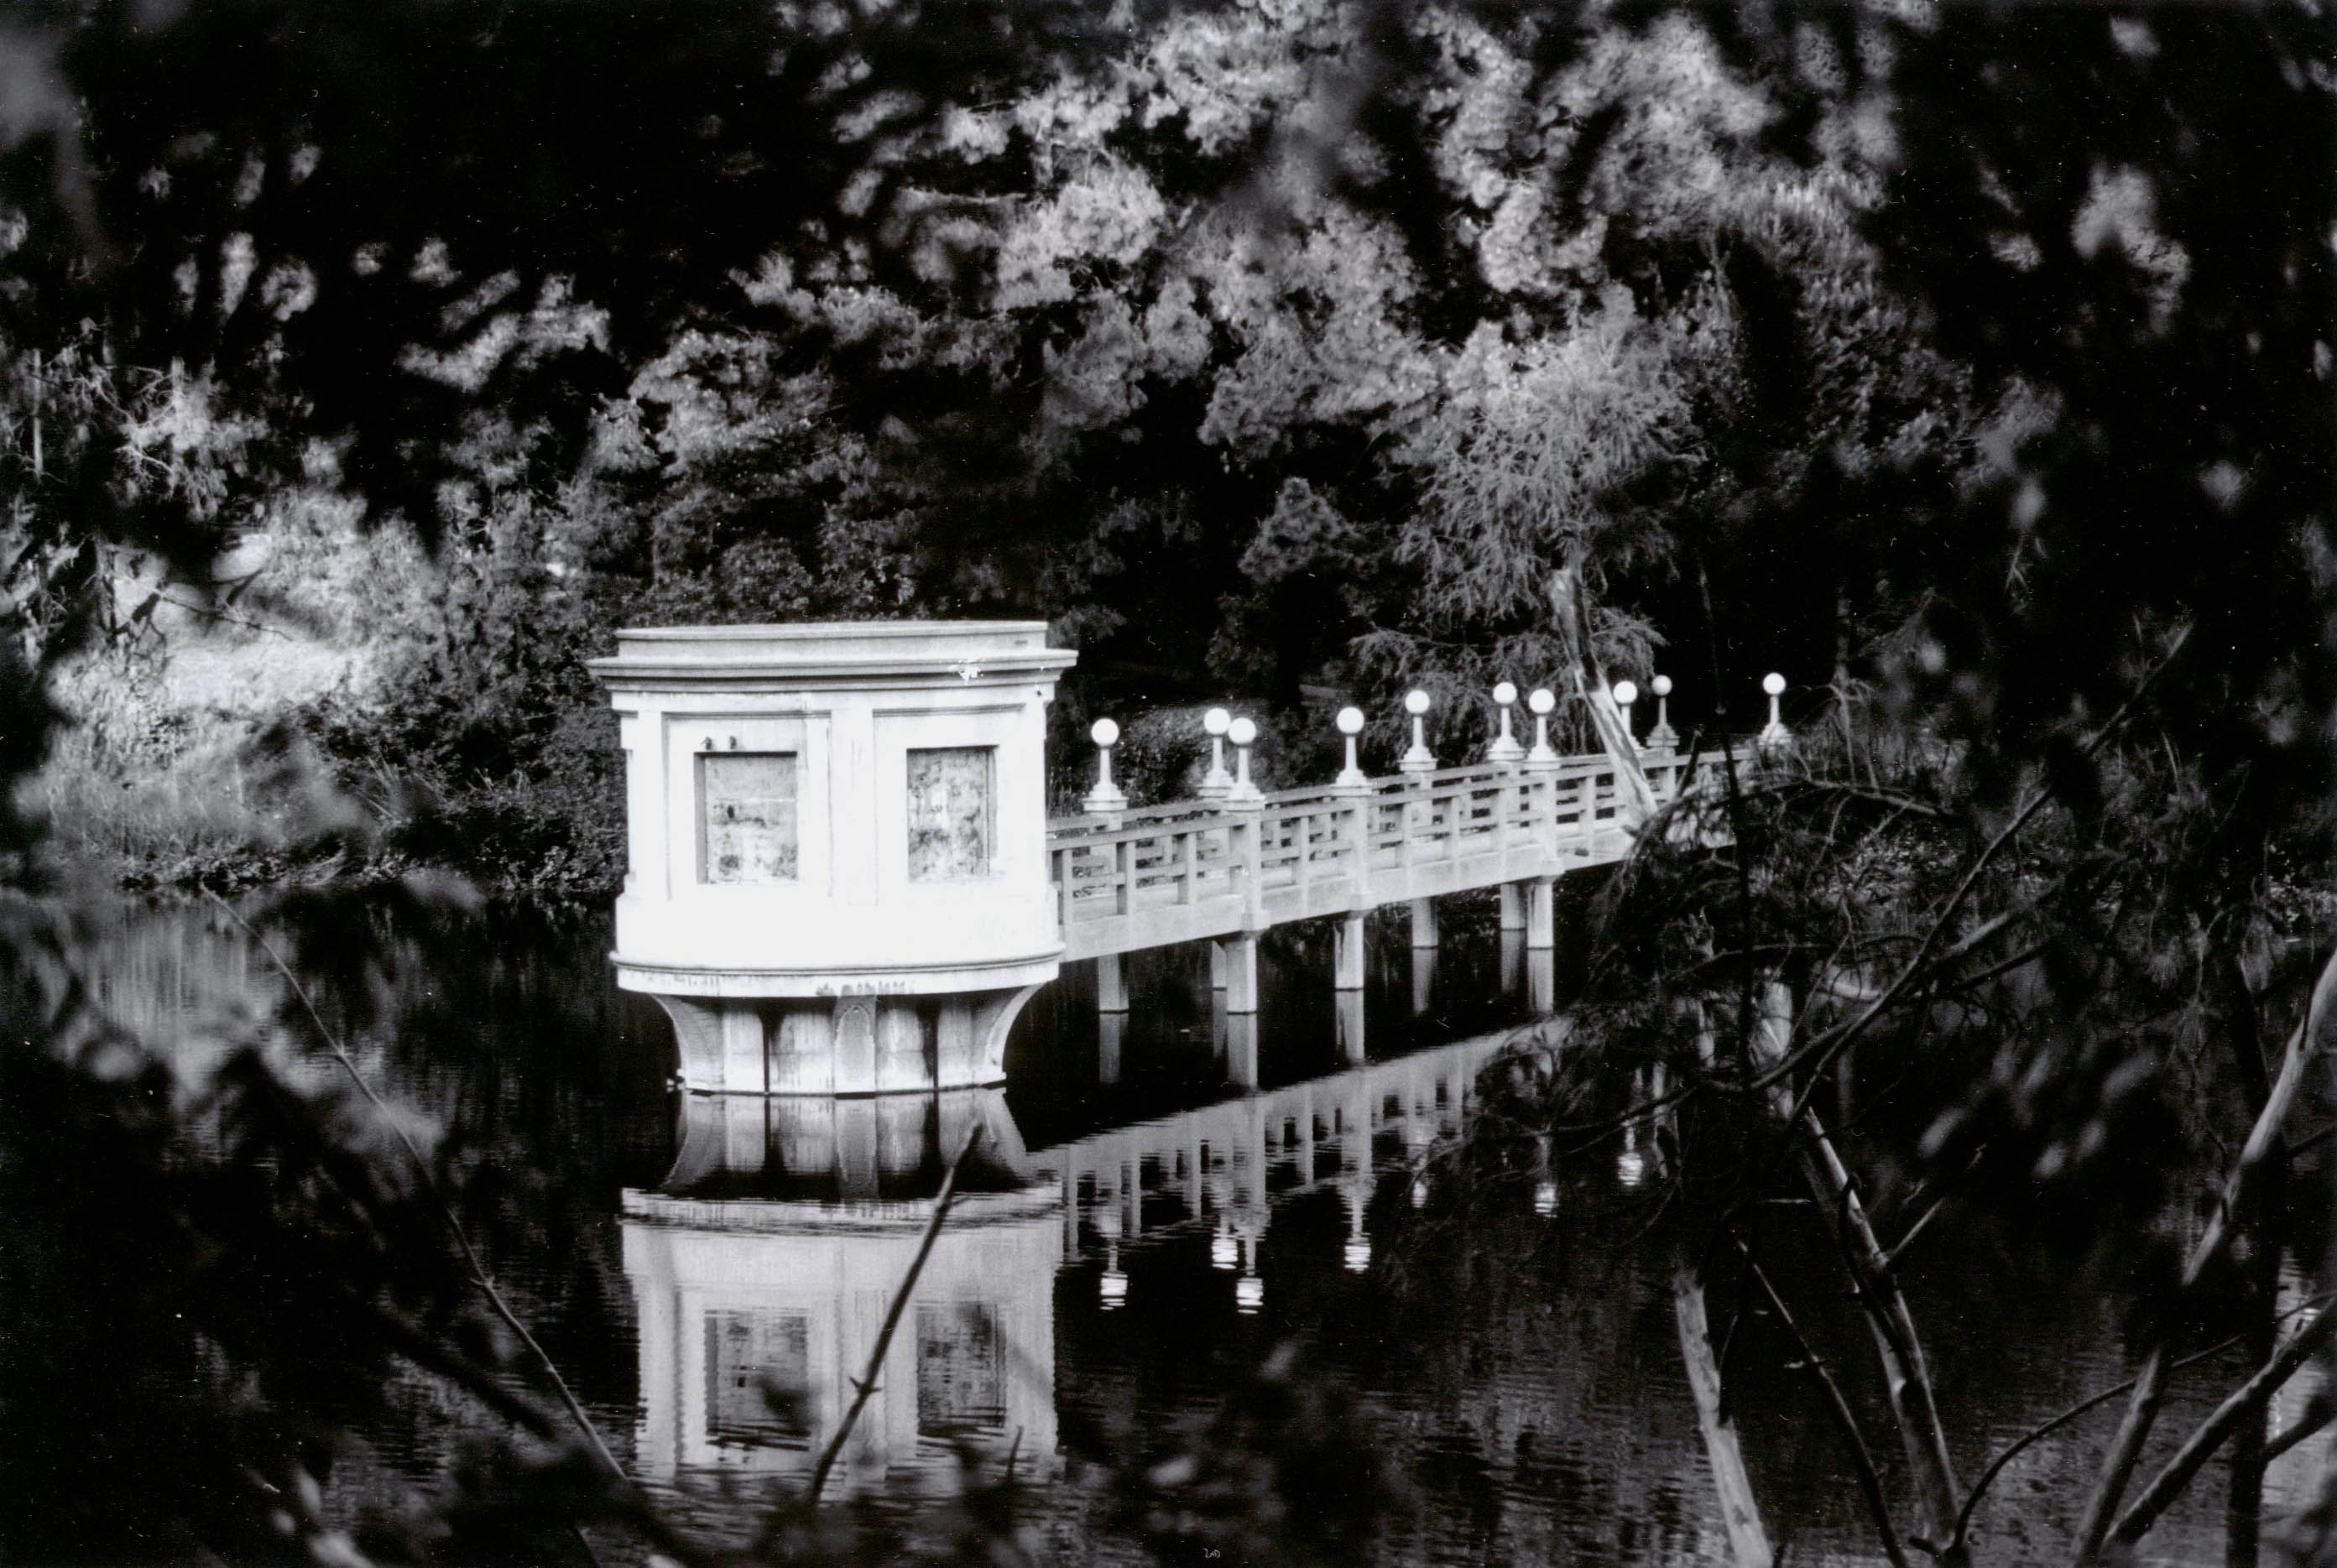 Mirrored bridge